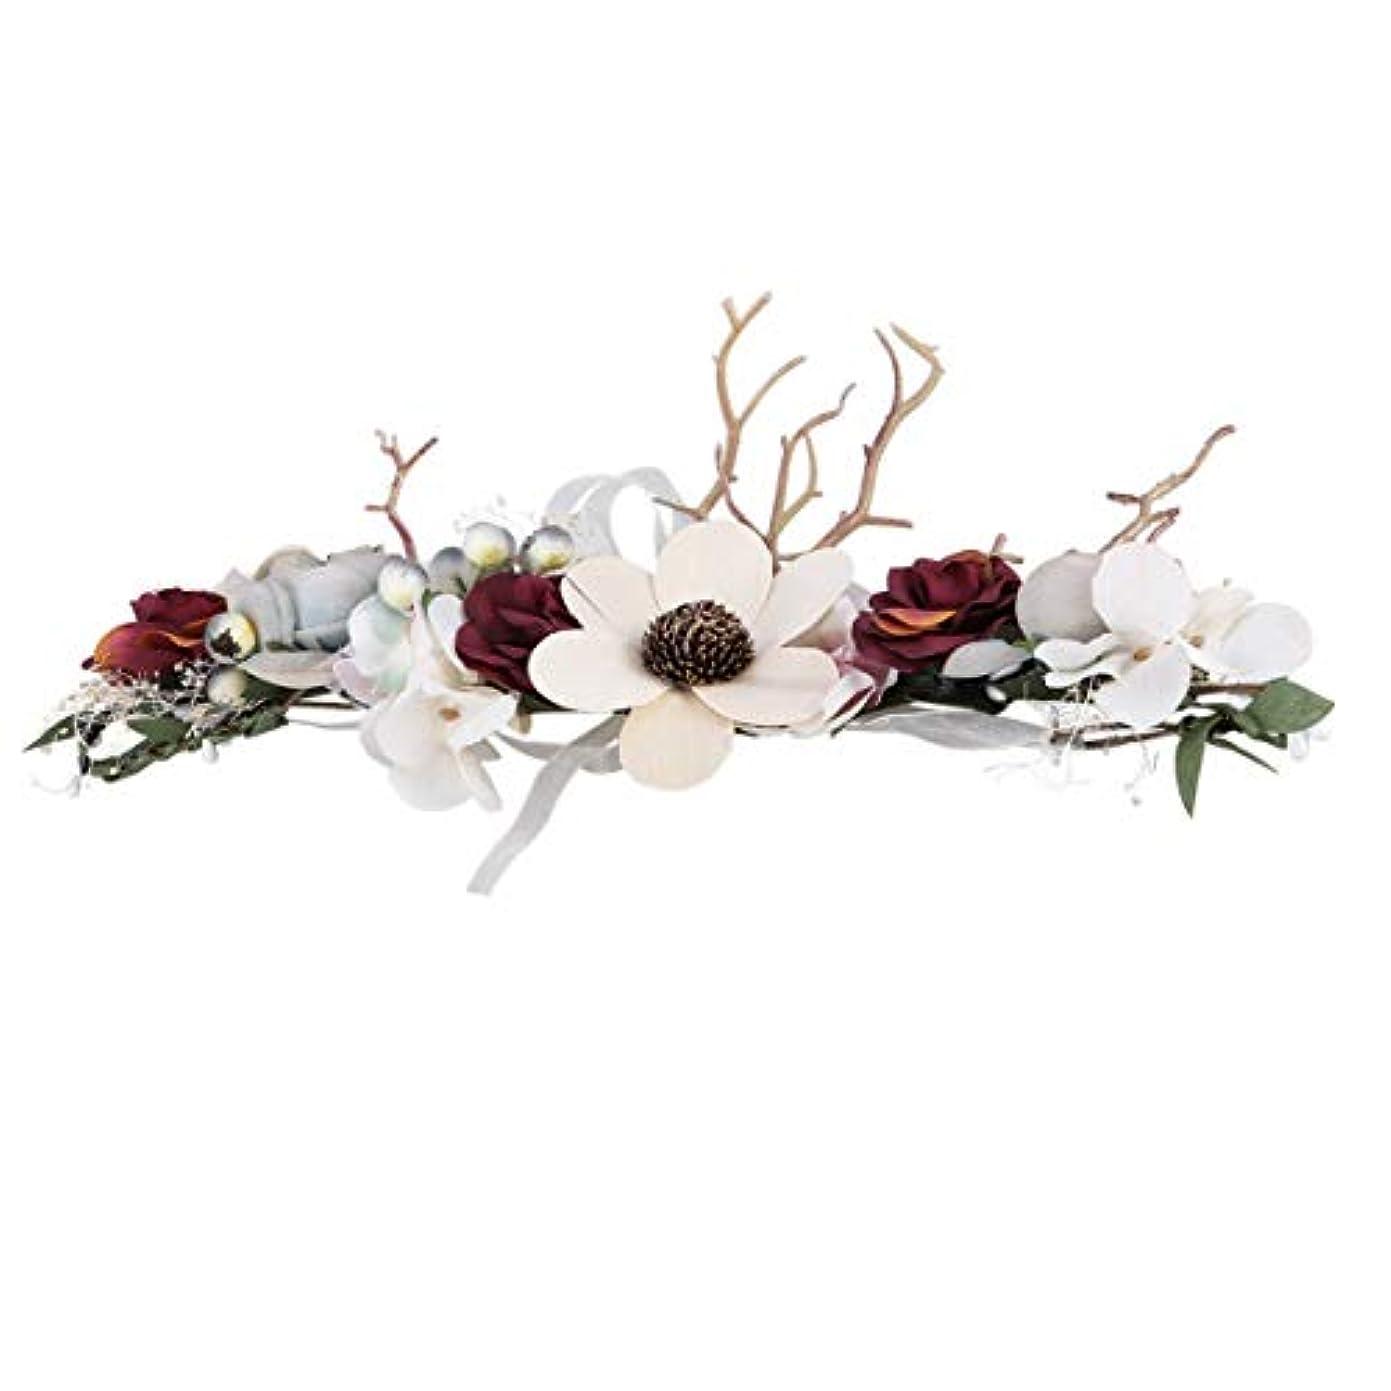 定刻シリンダー胸Lurrose クリスマスフローラルヘッドバンド枝角花冠結婚式花冠髪の花輪